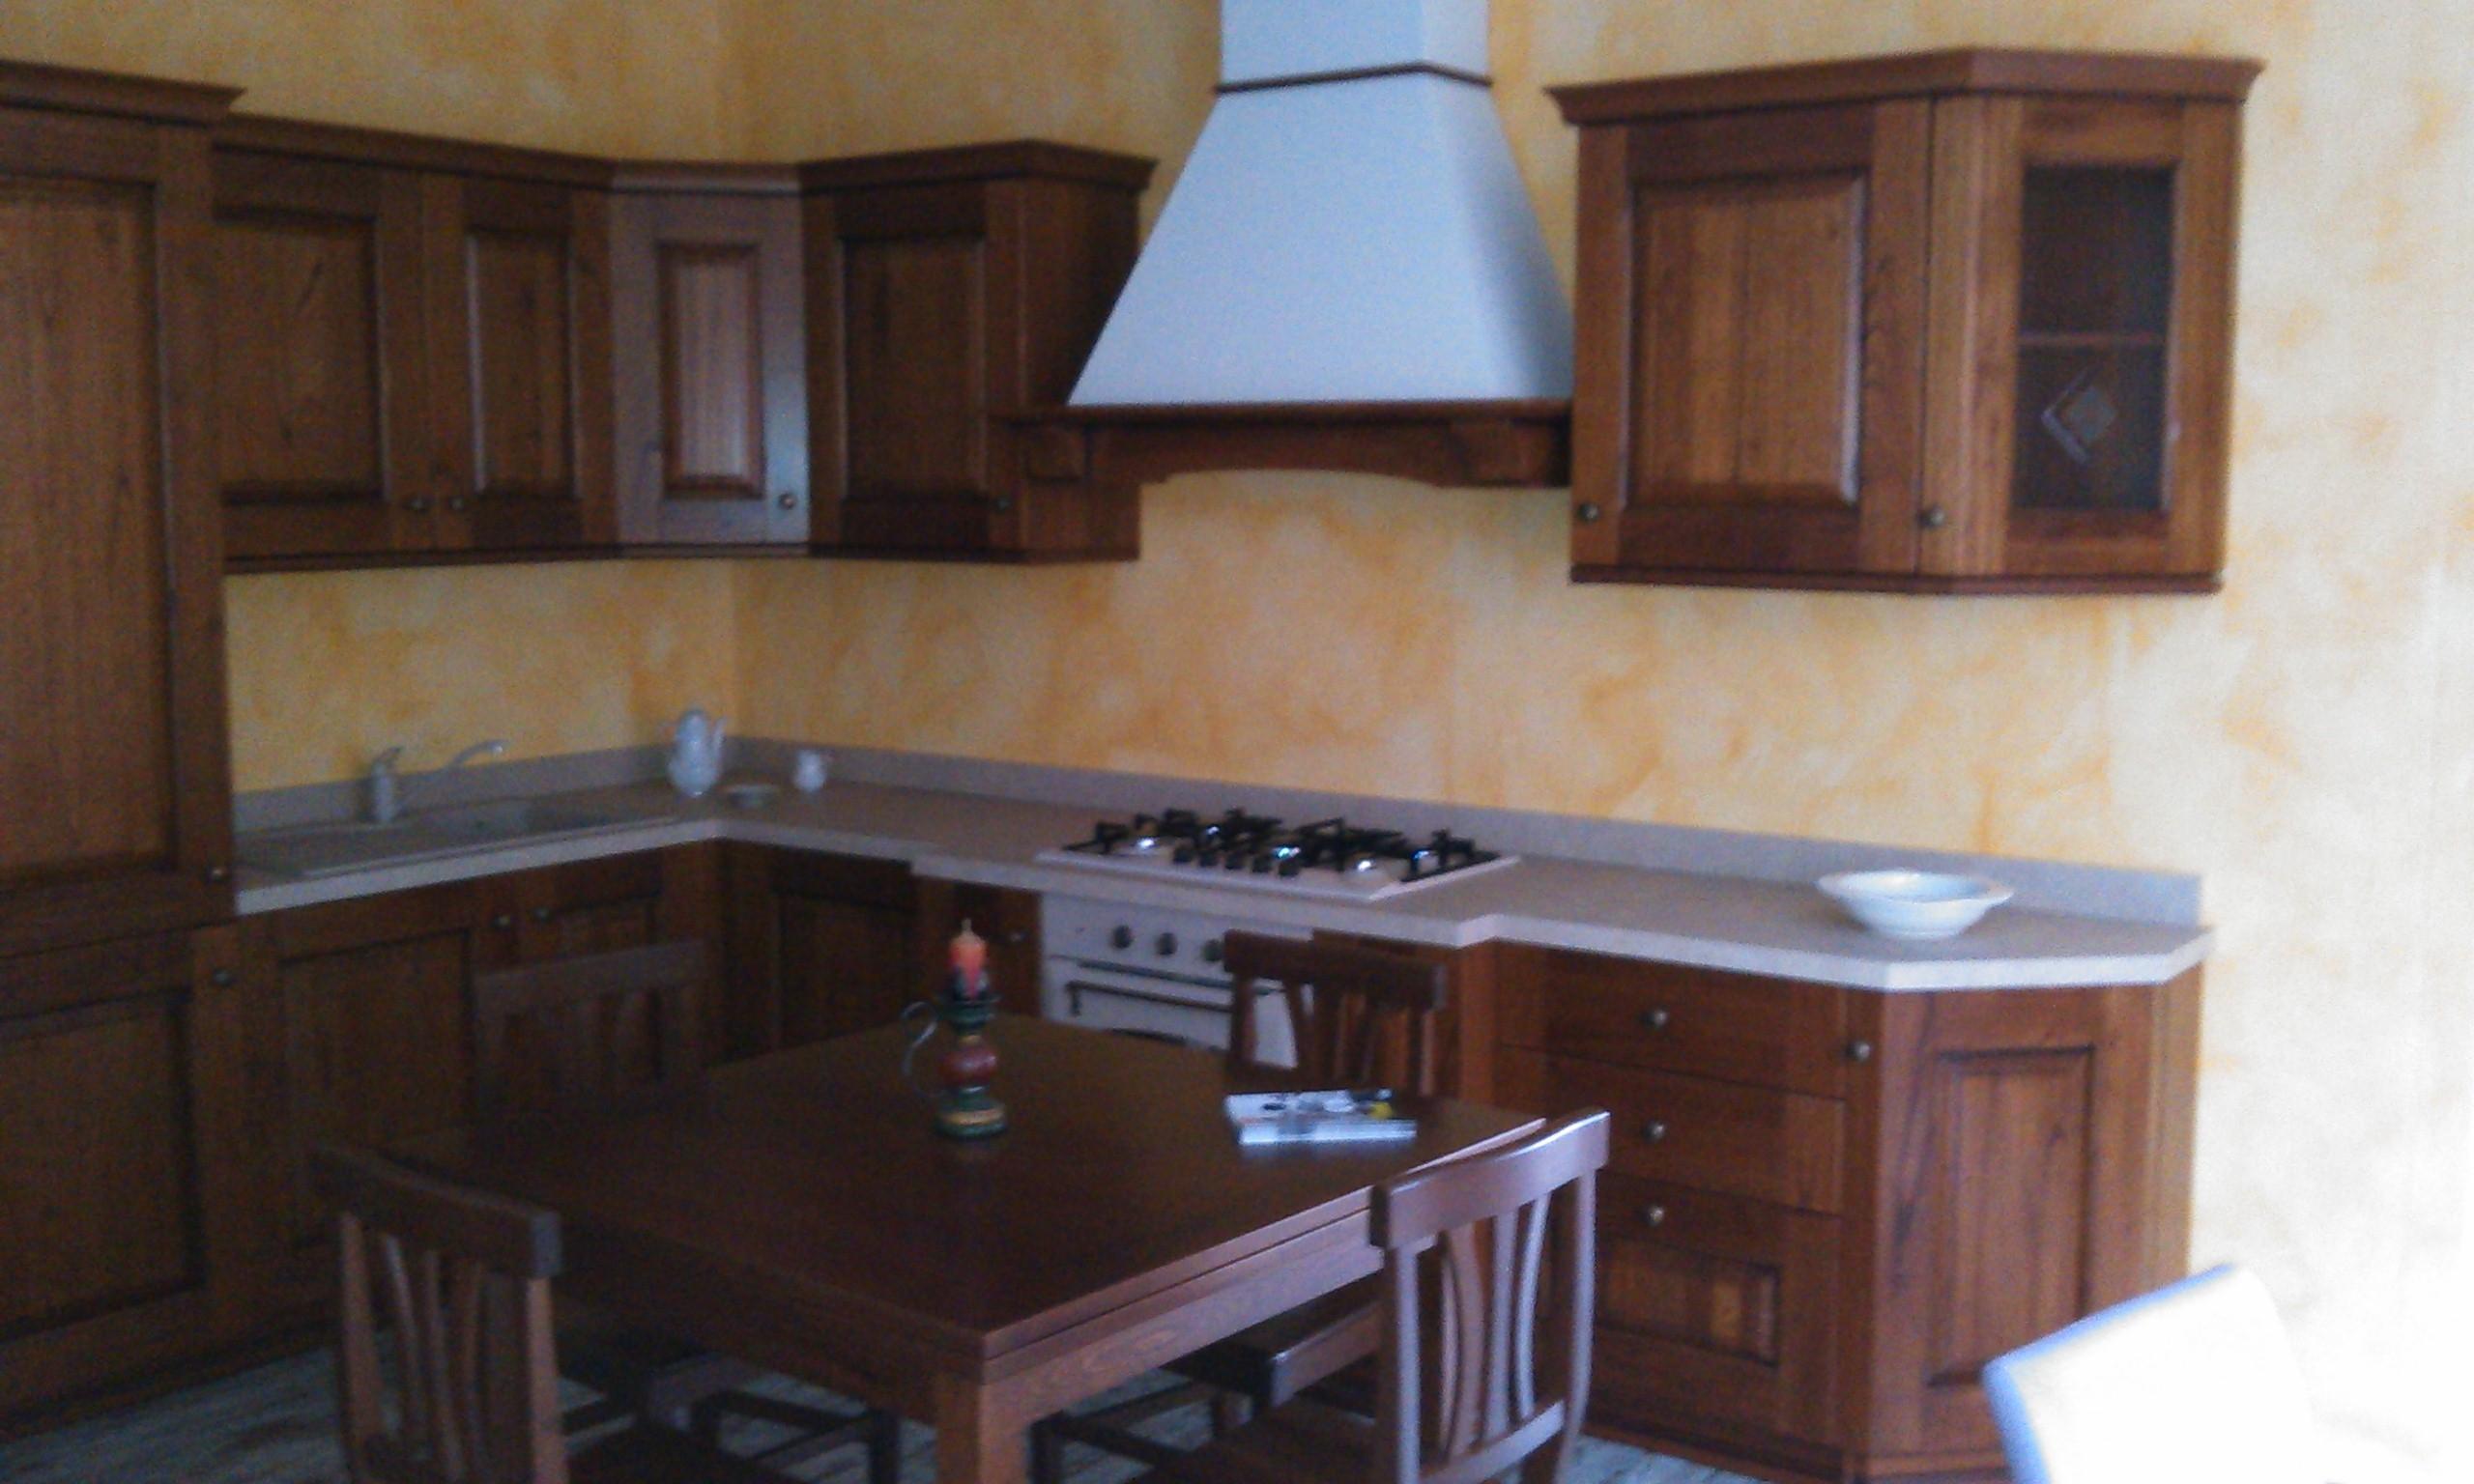 Cucina in muratura costi cucina in muratura u idee per - Cucina in muratura costo ...